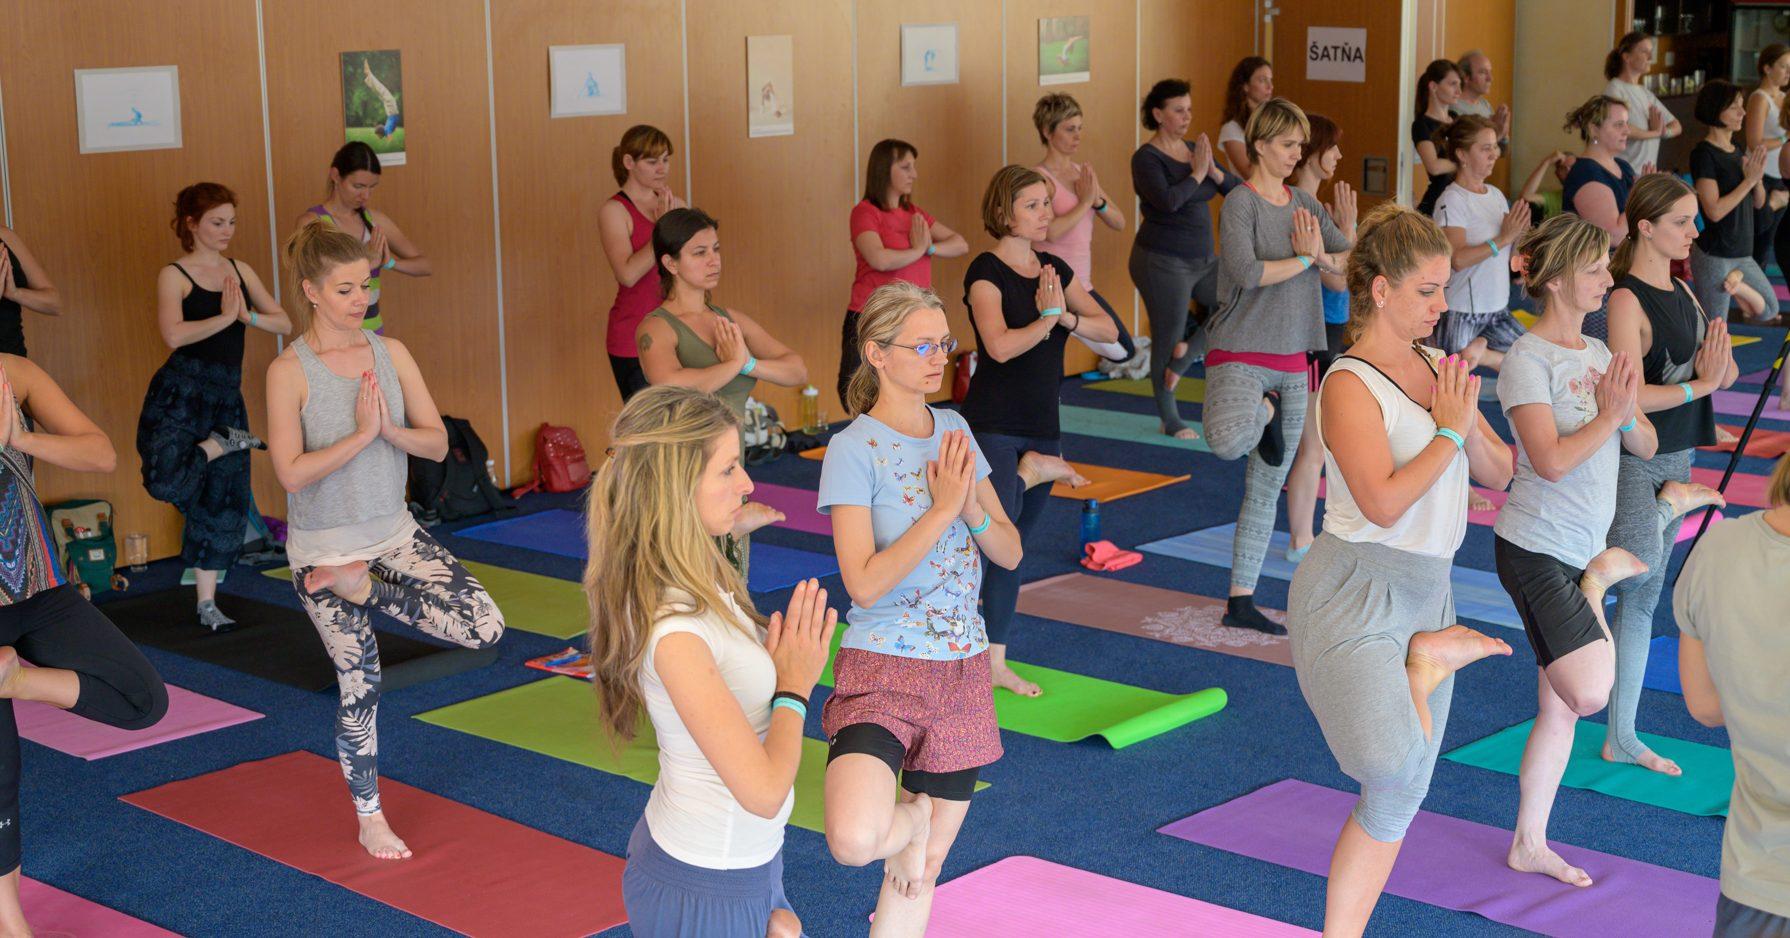 Heinz Grill: V joge nehľadám len zlepšenie zdravia pre pozemský život, ale aj niečo obsiahlejšie, trvácne